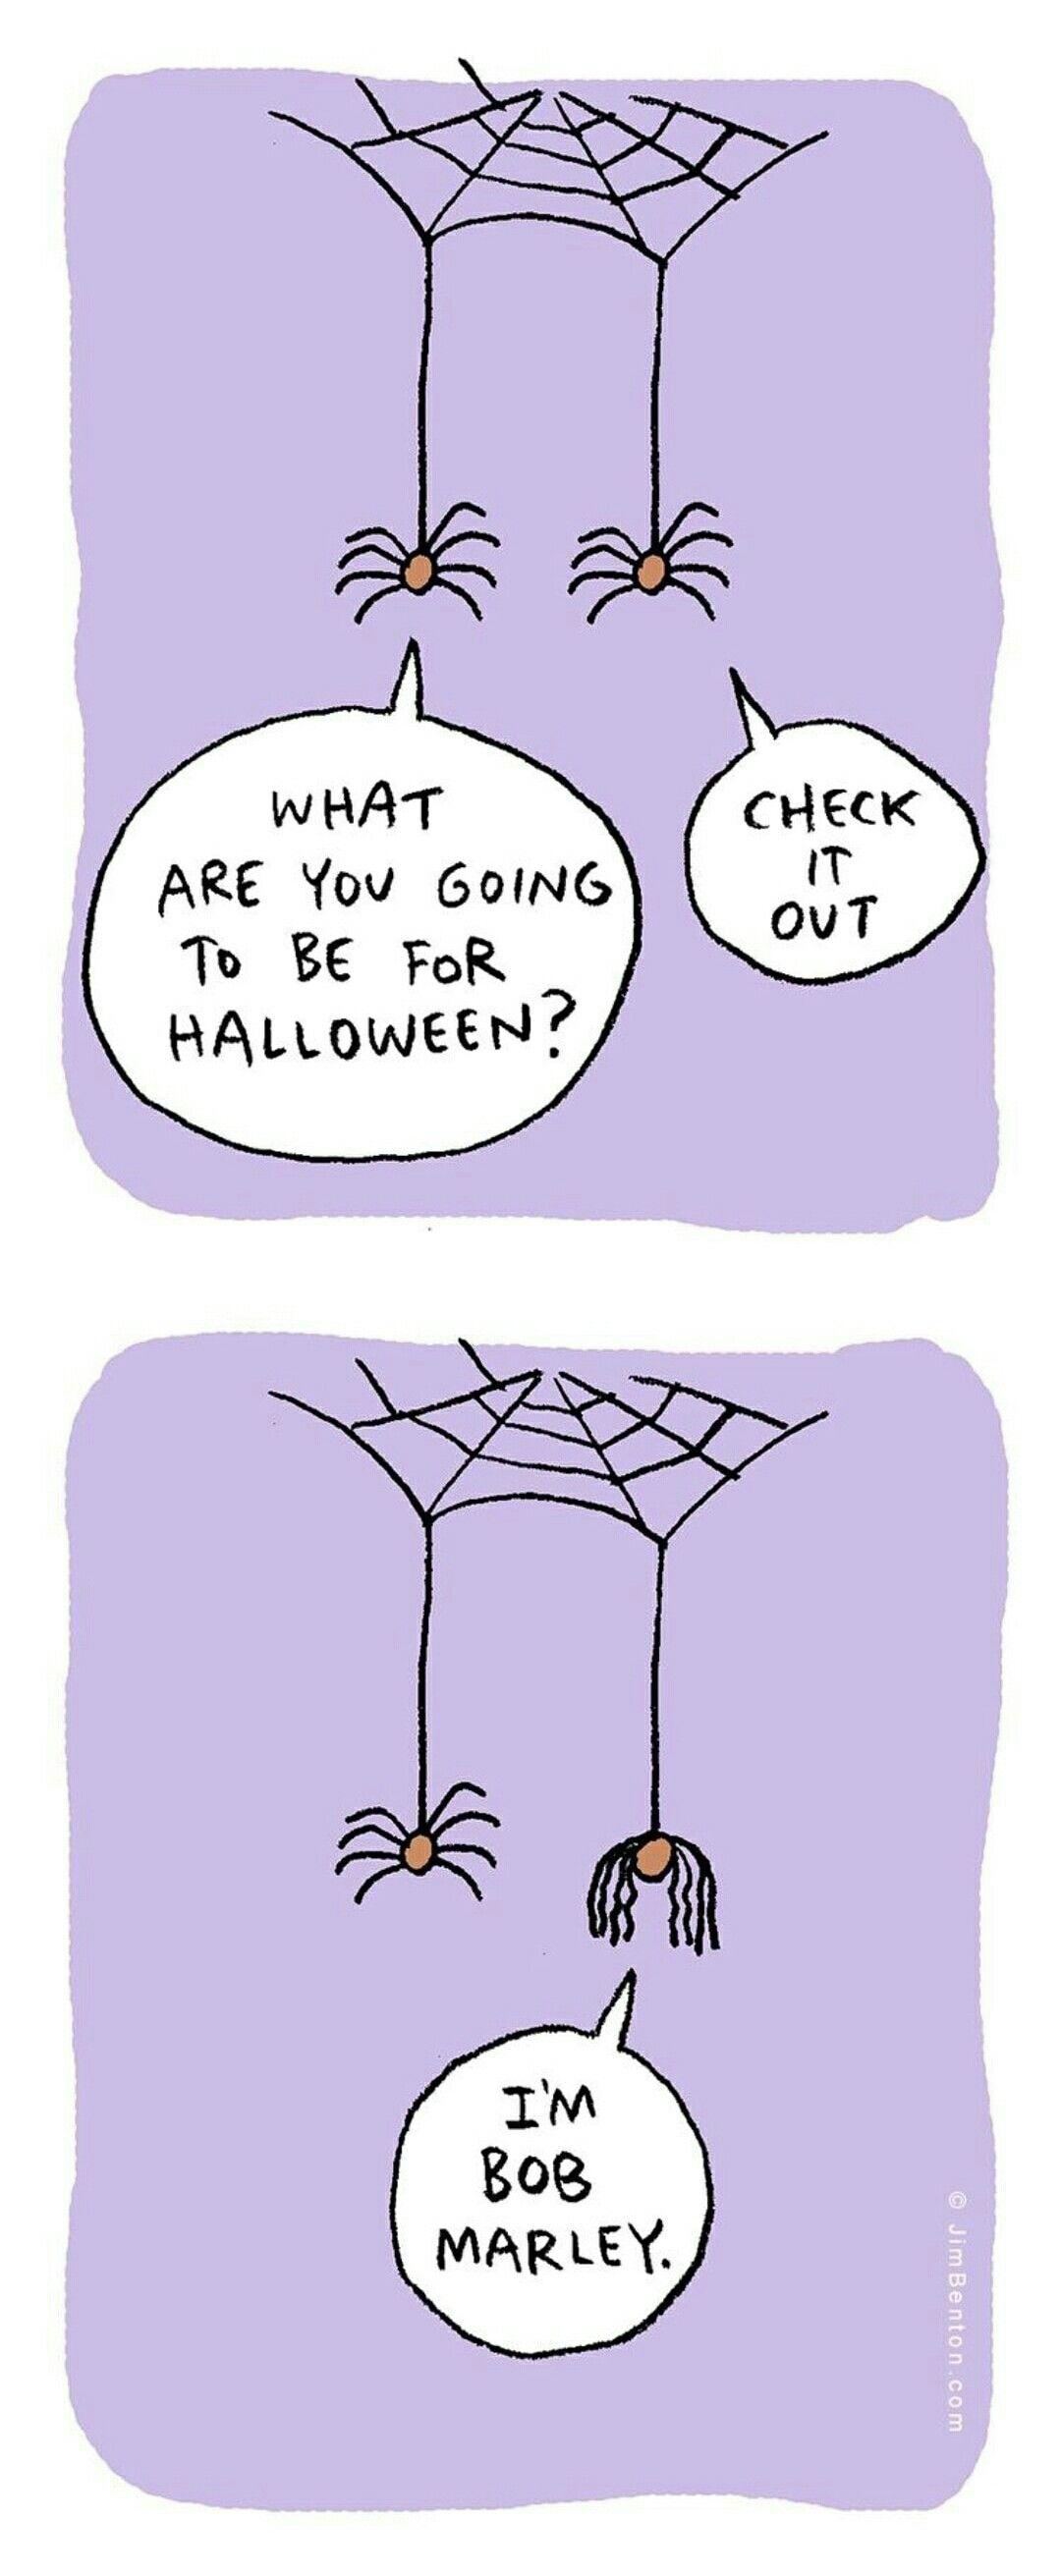 Halloween Spider Jokes.260 Halloween Humor Ideas In 2021 Halloween Funny Halloween Jokes Humor